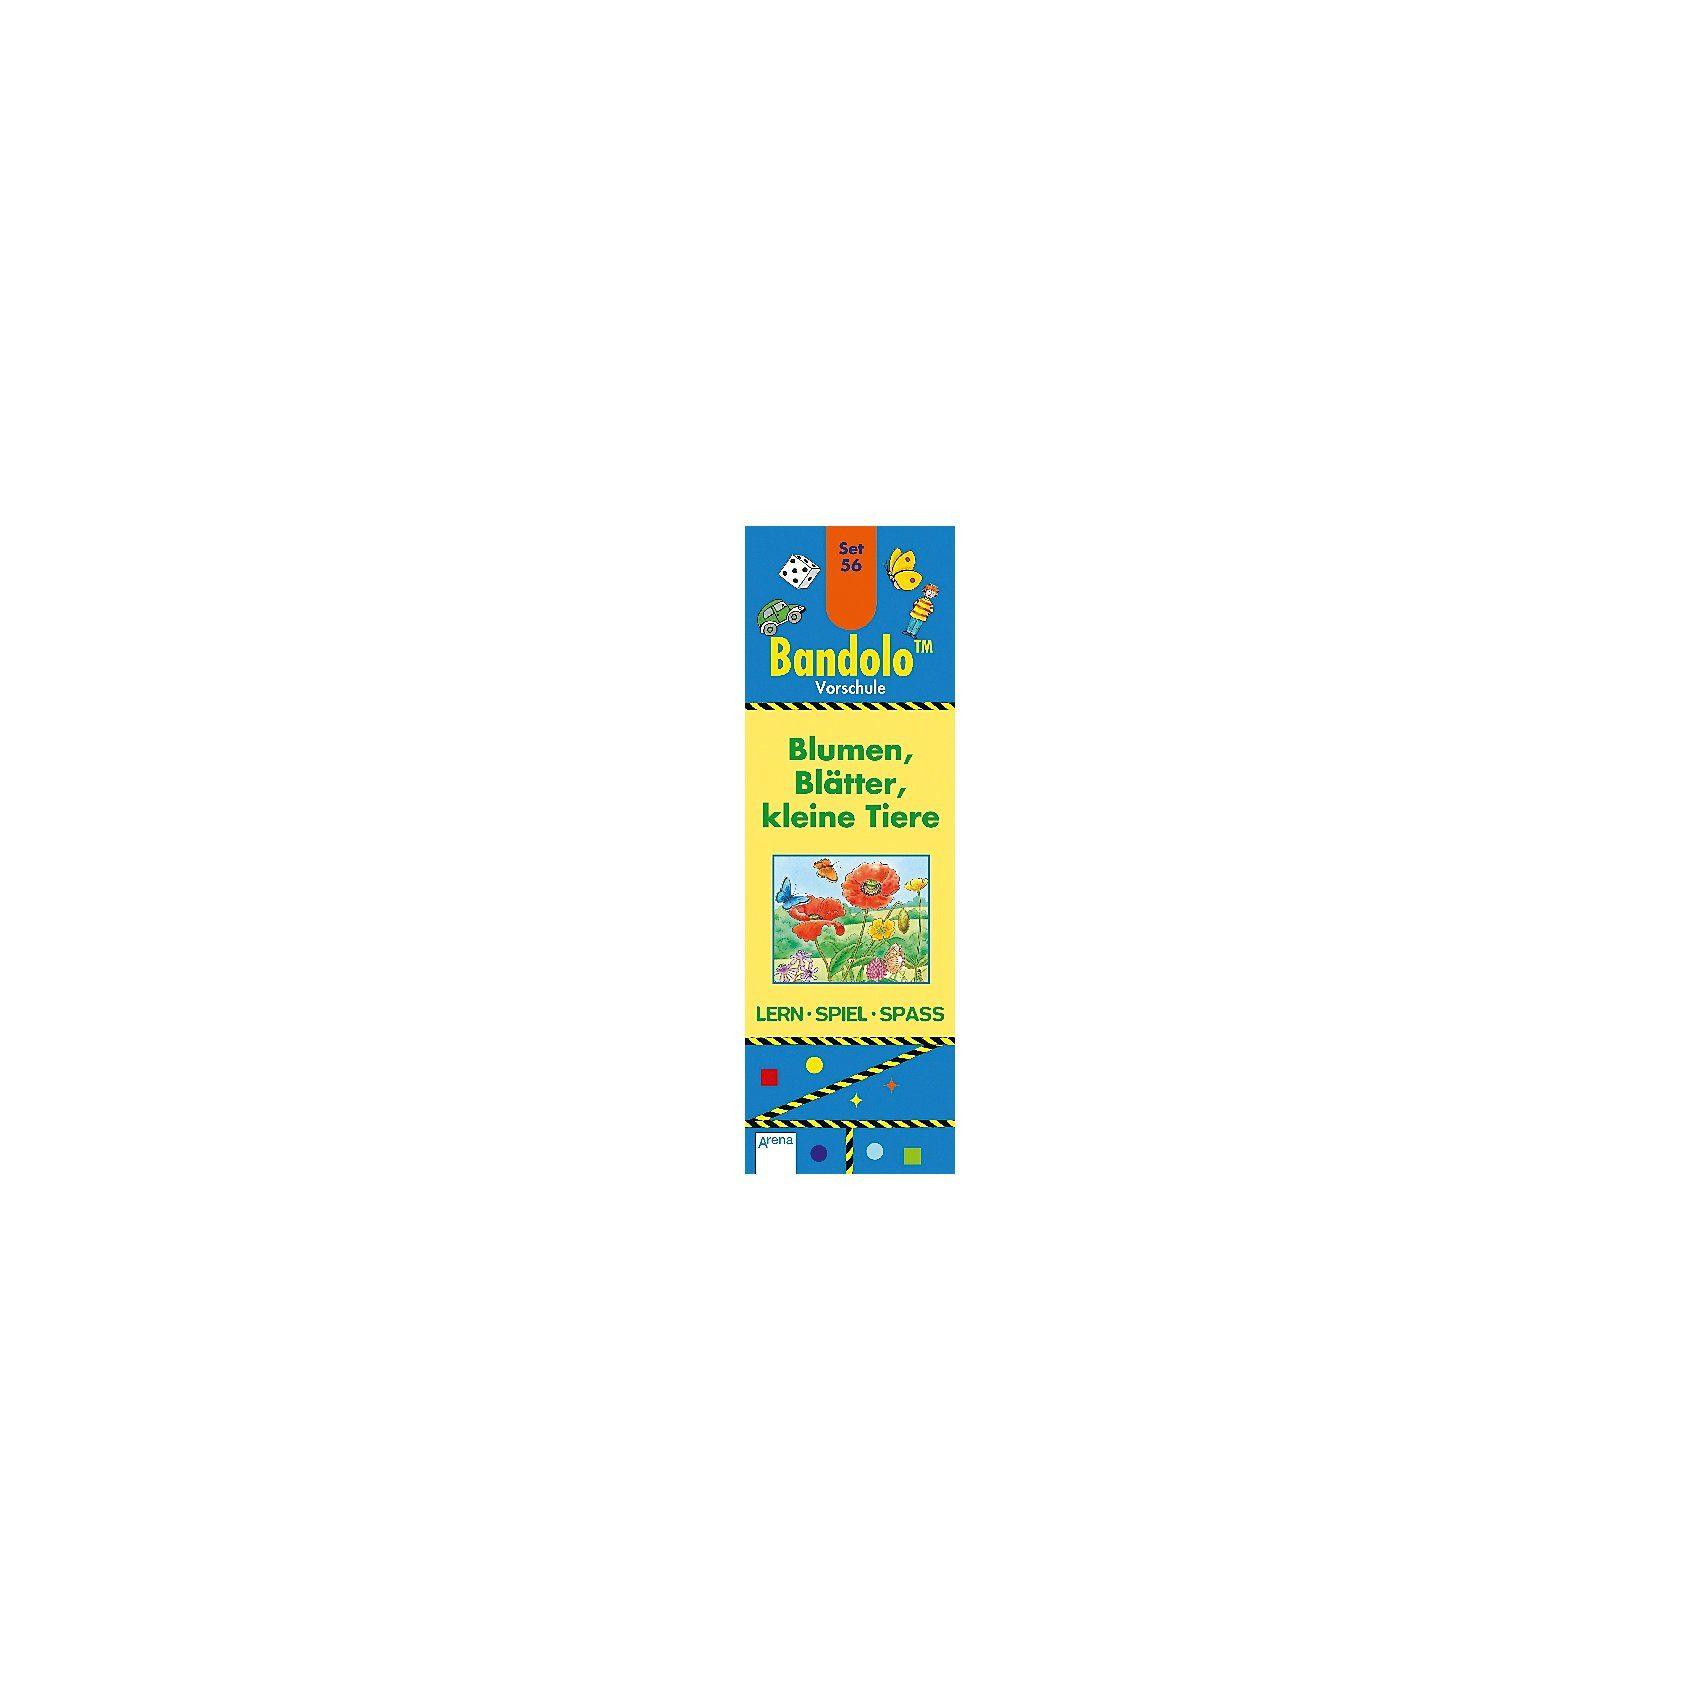 ASTRA mehrfarbig Rucksack Schulrucksack Schultasche Hash HS-11 Vögel /& Blumen